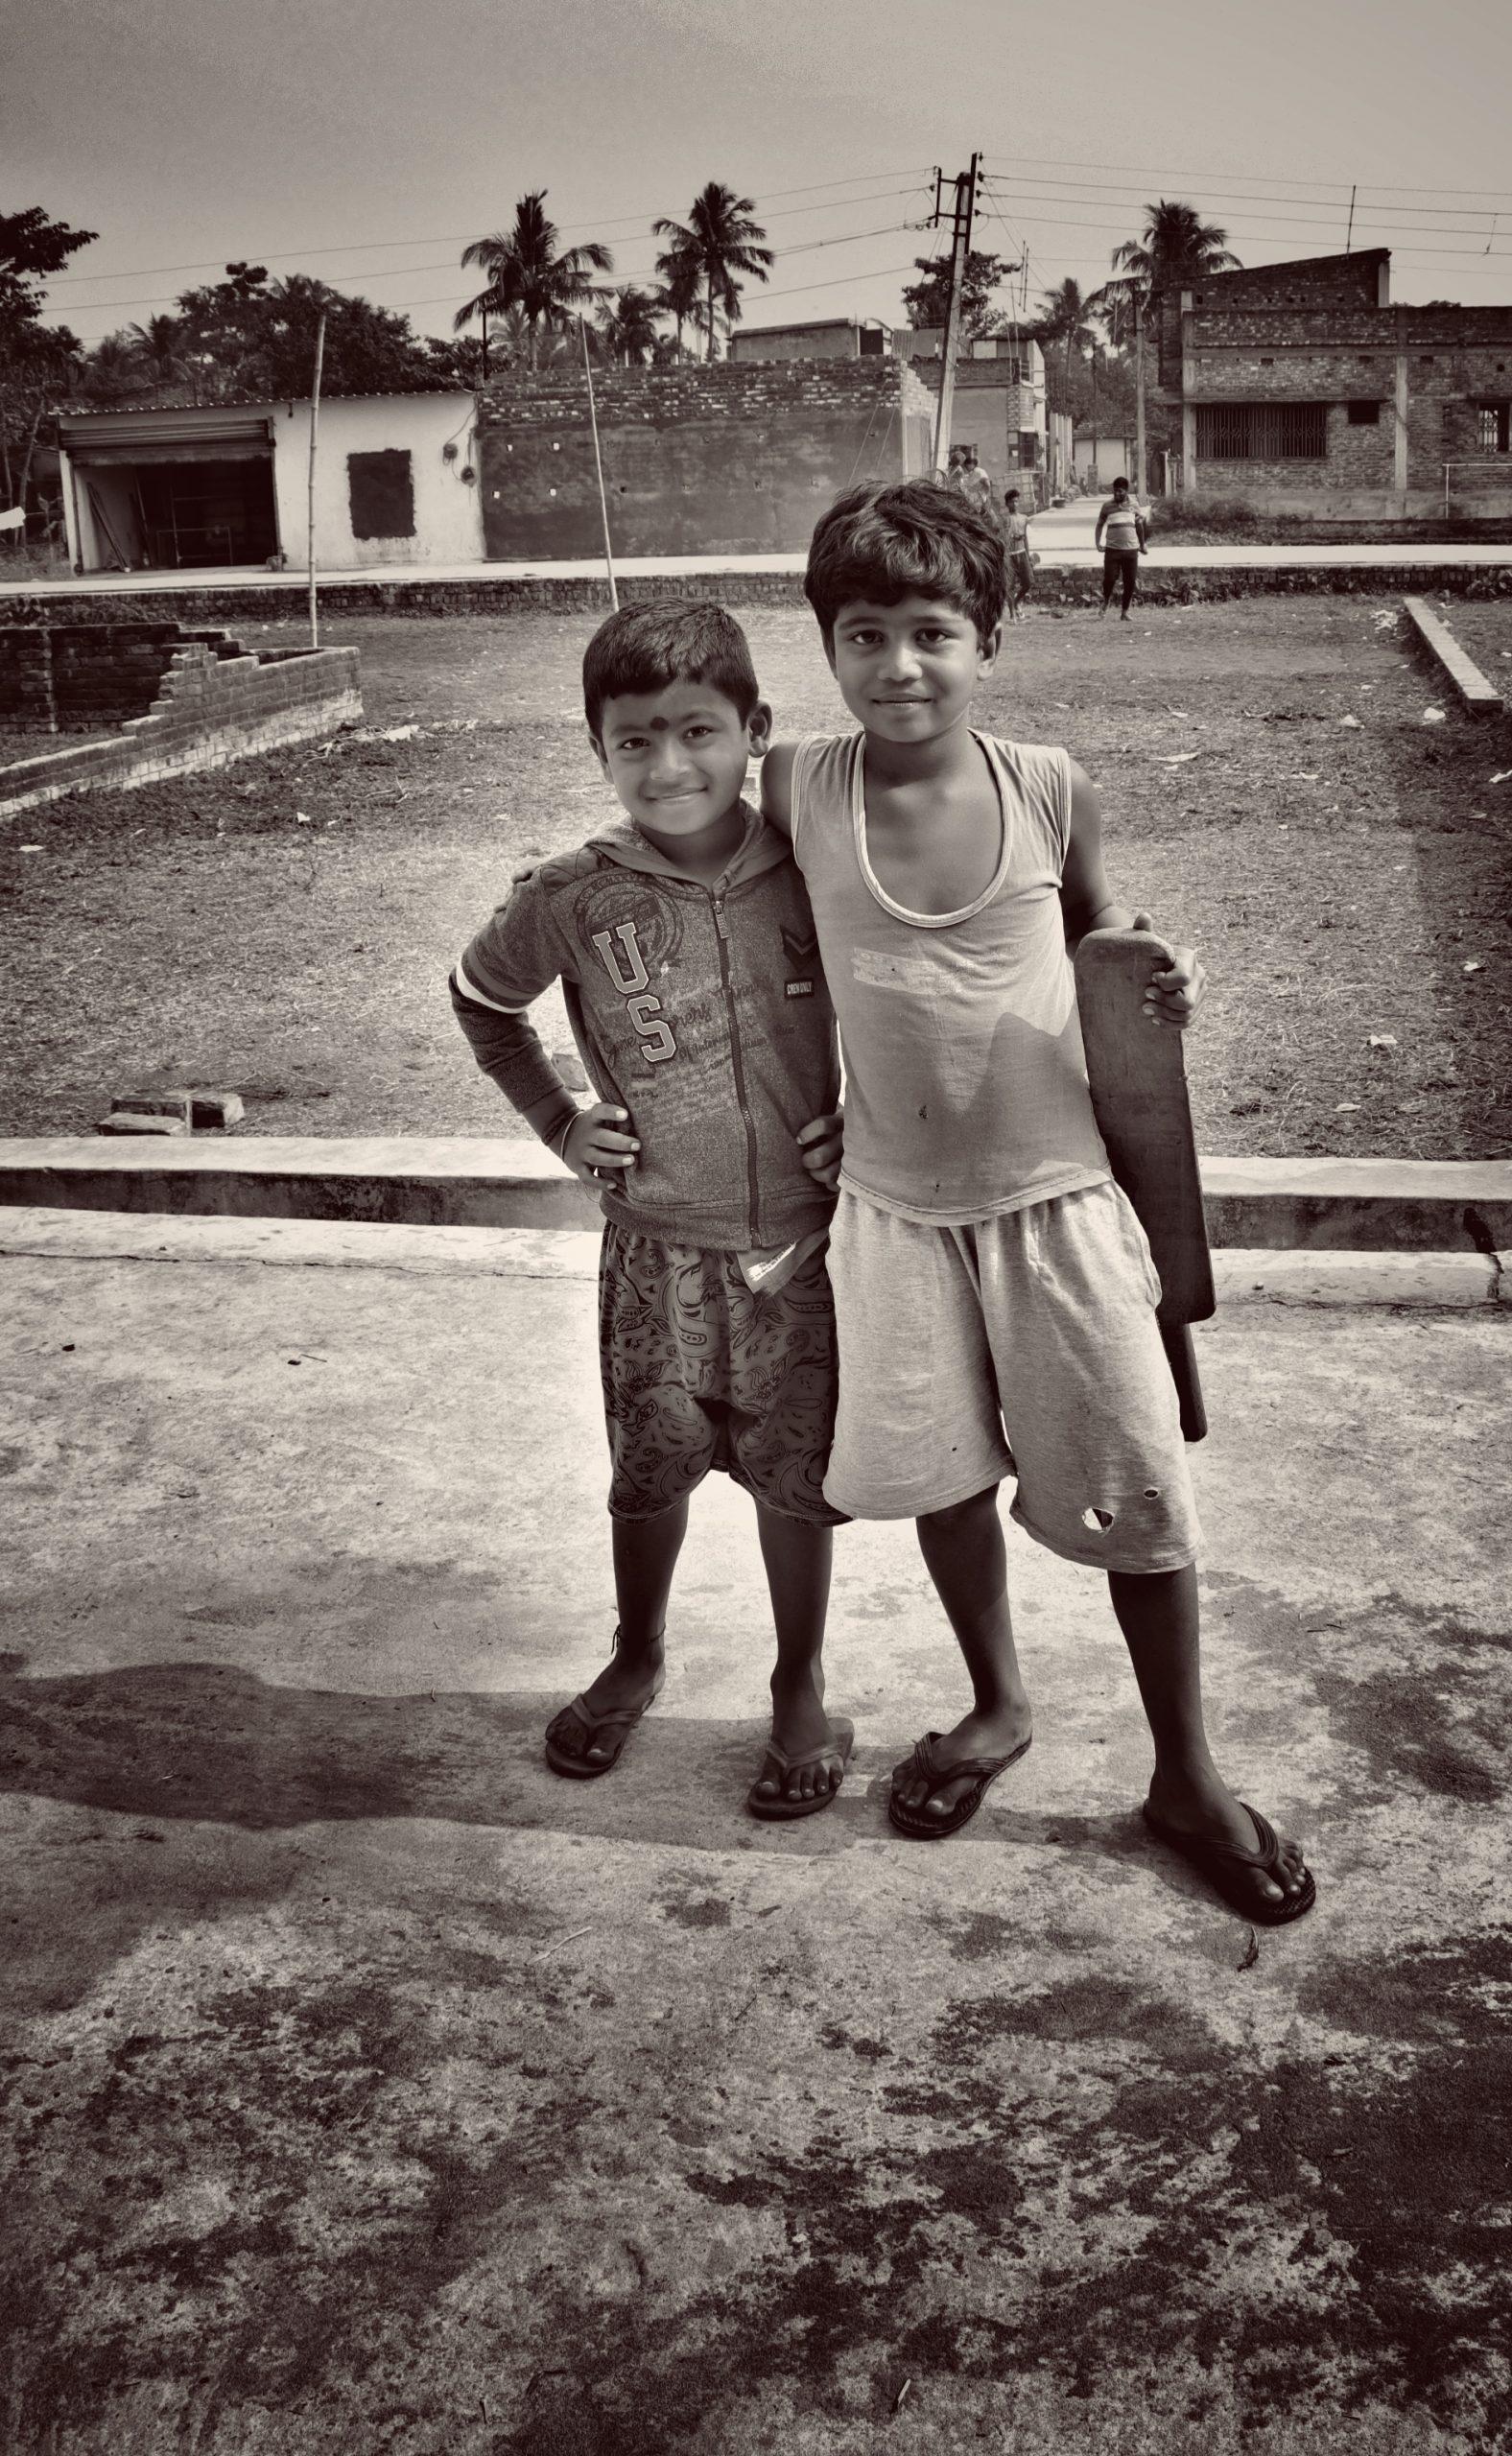 A village kids